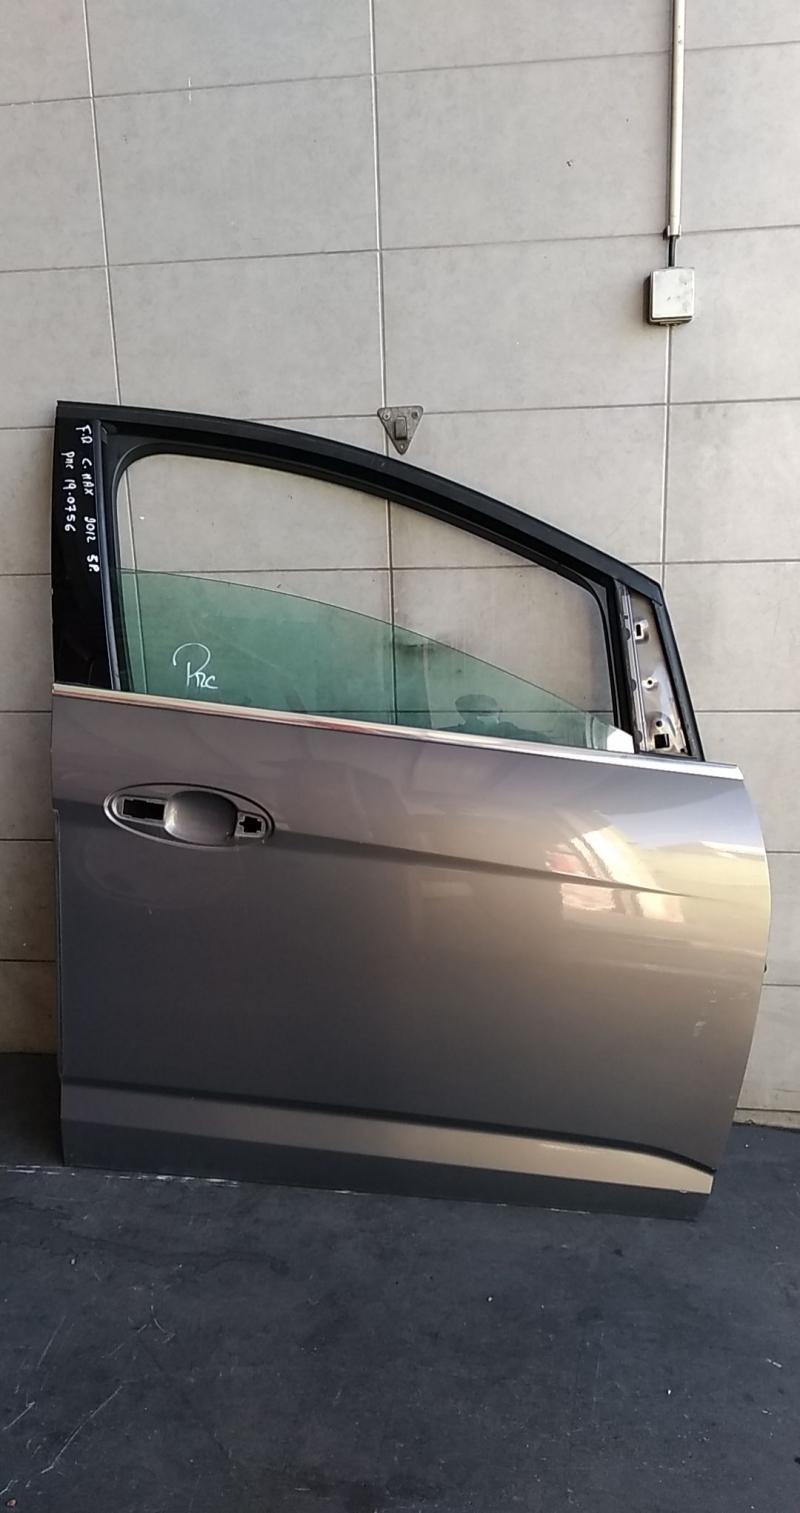 Porta Frente Dto (20375484).